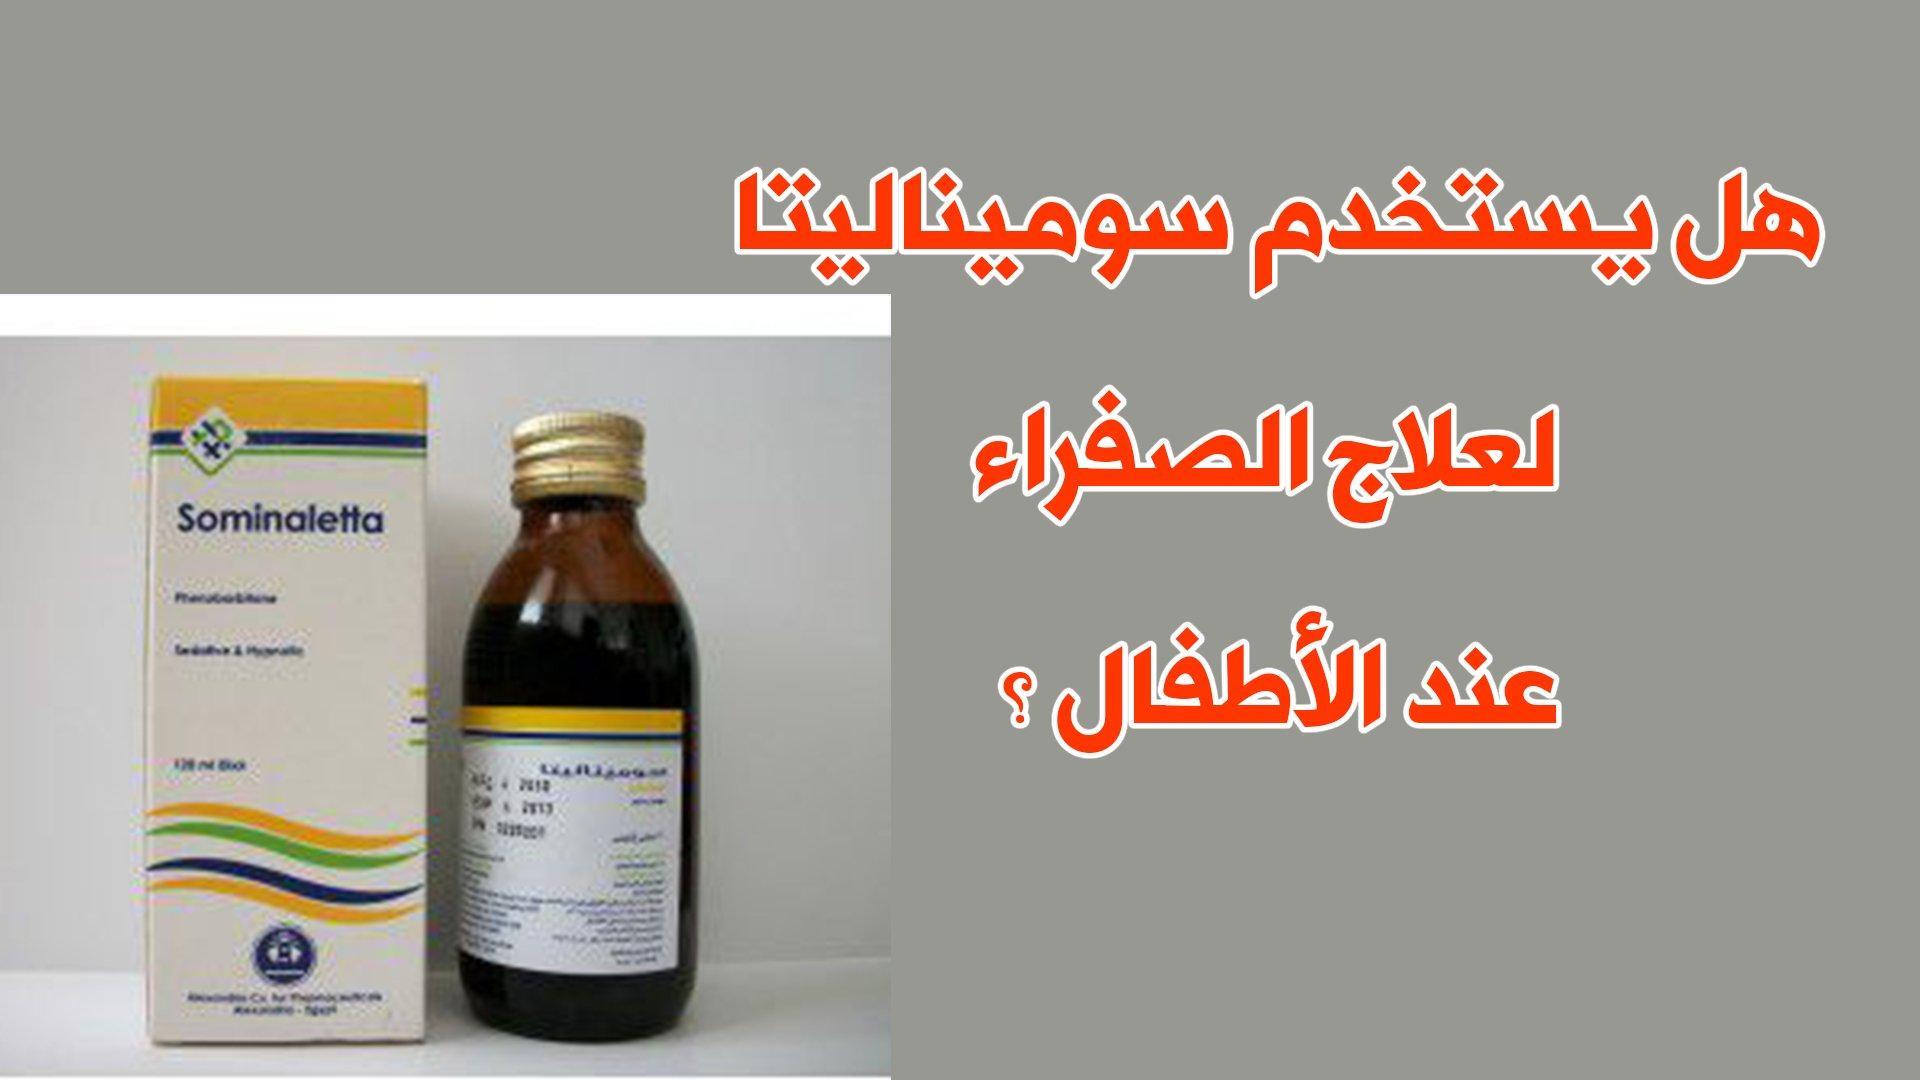 سوميناليتا للرضع لعلاج الصفراء